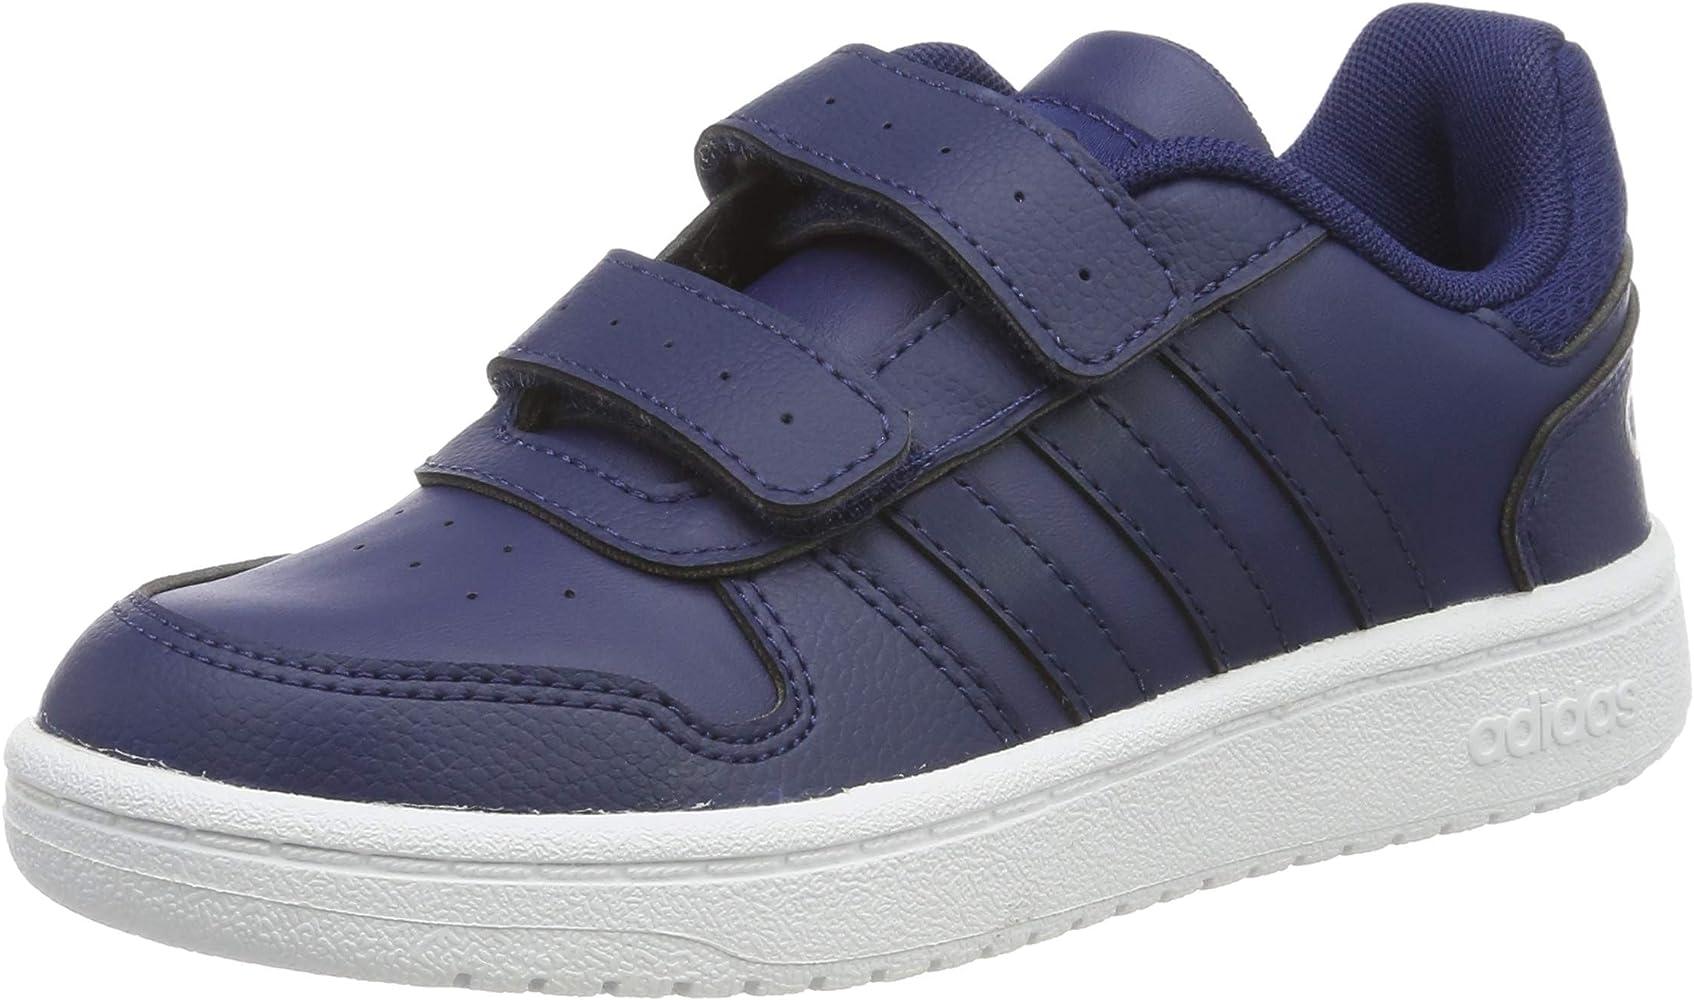 Zapatos de Baloncesto Unisex Ni/ños adidas Hoops 2.0 CMF